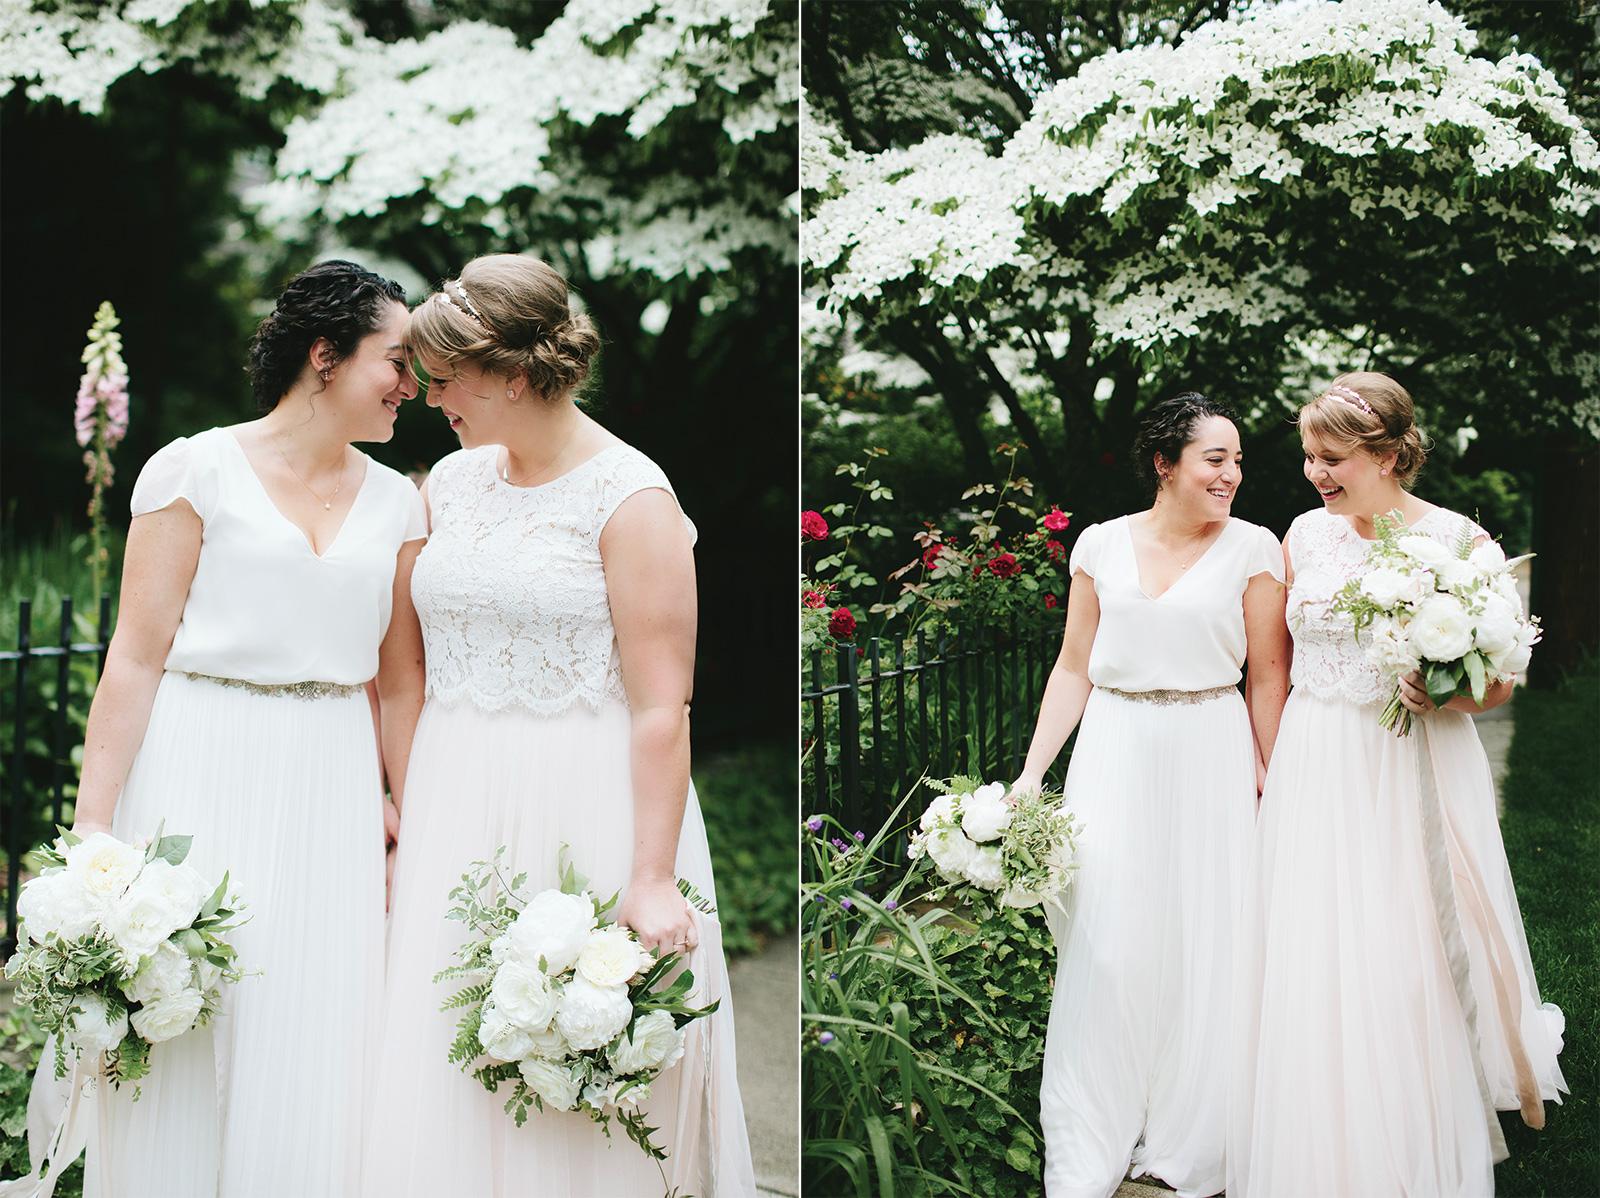 morningwild-photography-warehouse-xi-wedding-09.jpg